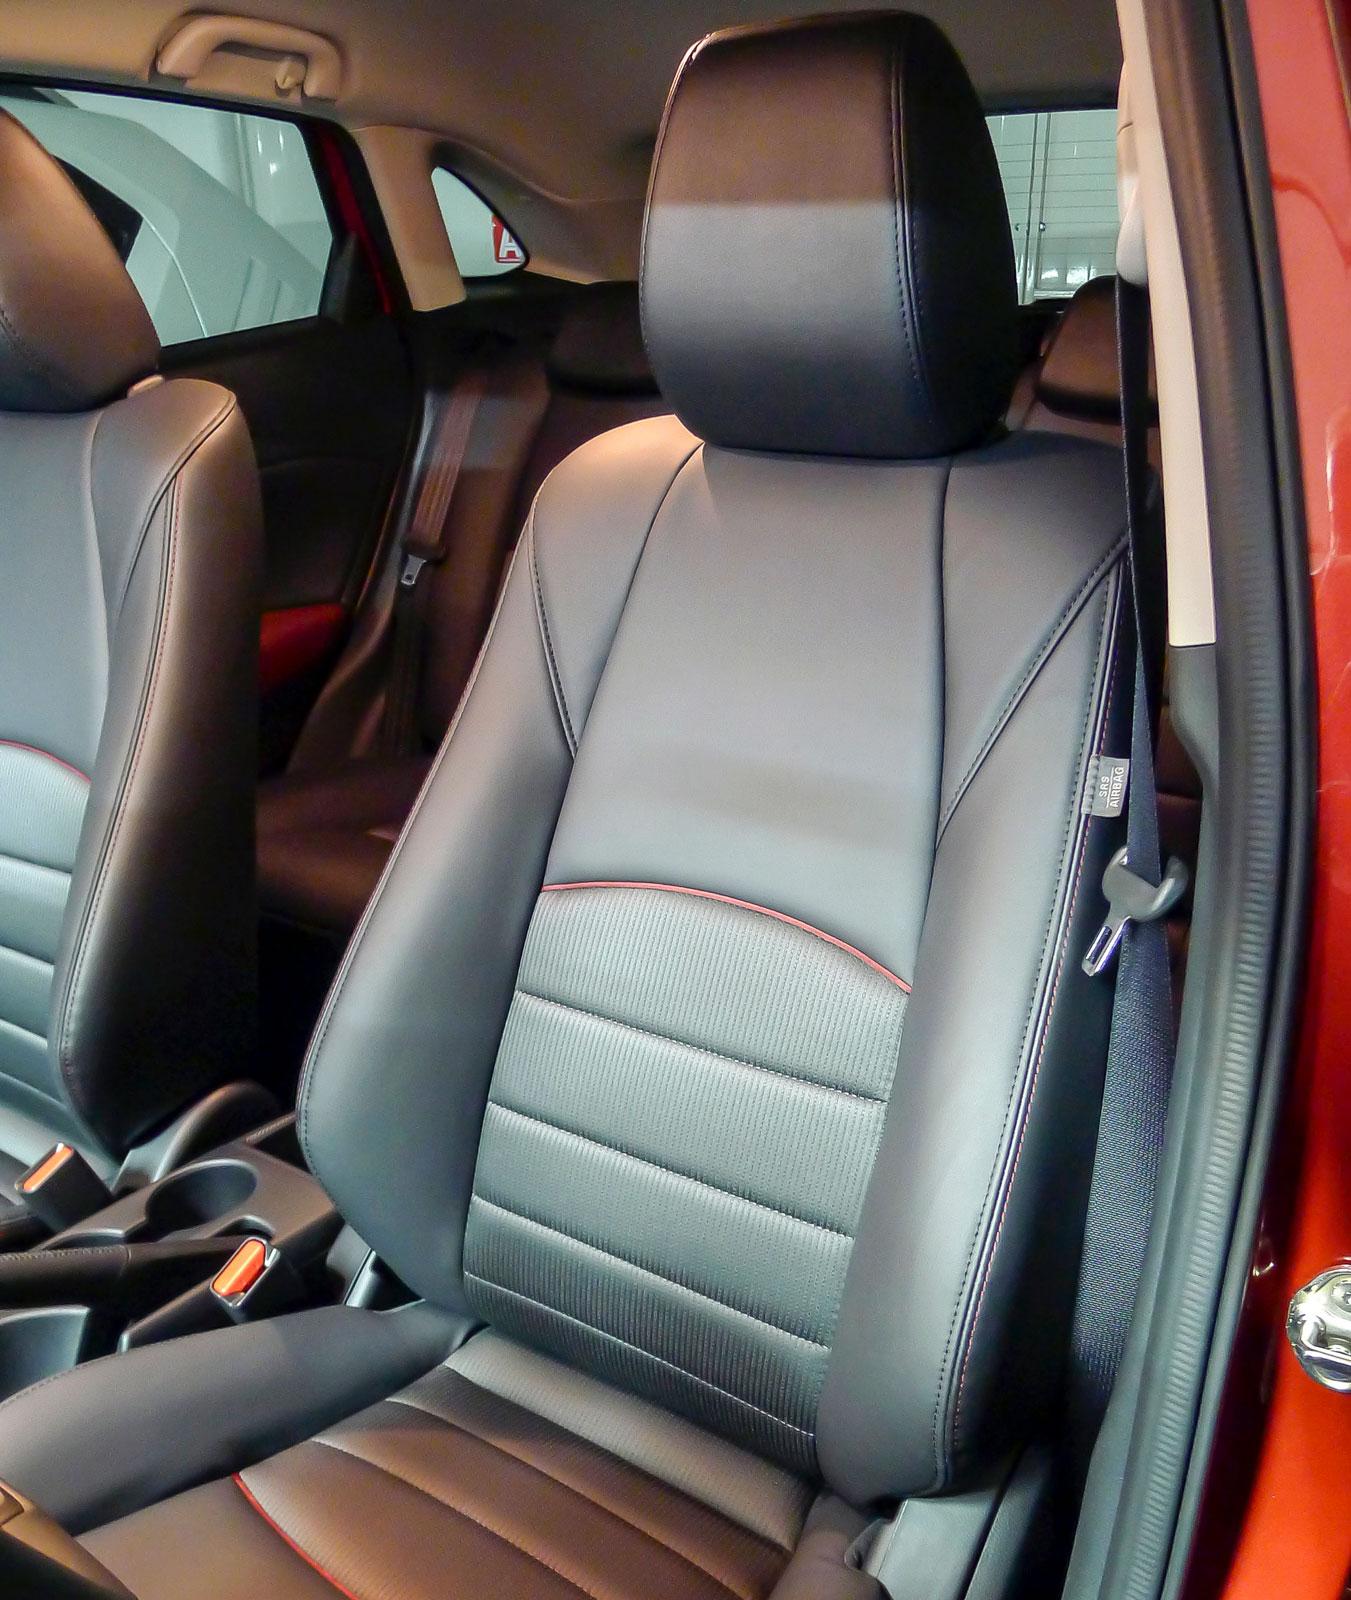 Mazdastolarna är ganska små och smala – det gäller att kolla att kroppshyddan får plats!